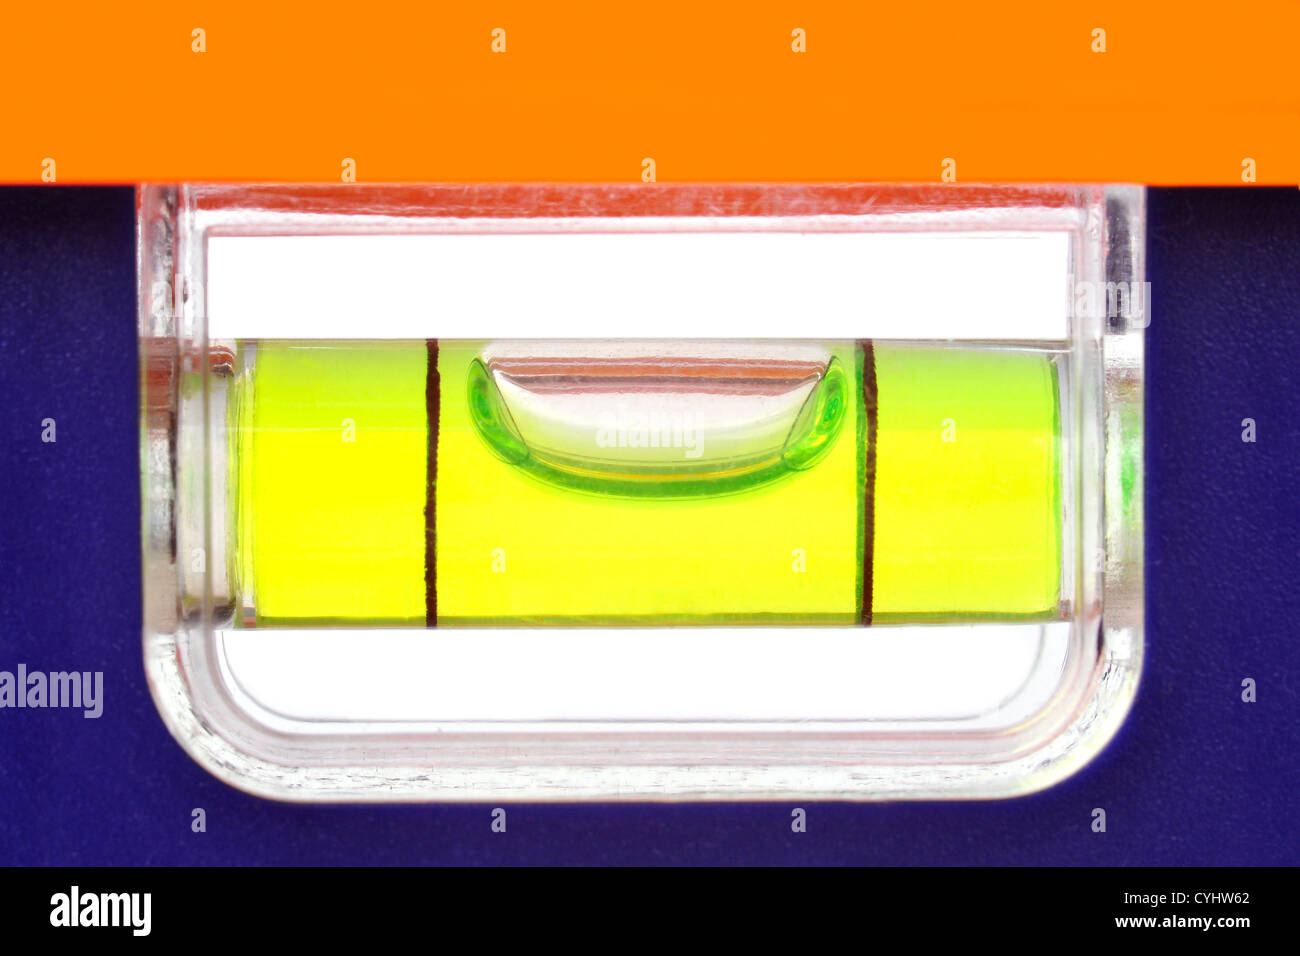 Blase genau in der Mitte einer Ebene Werkzeug Stockbild